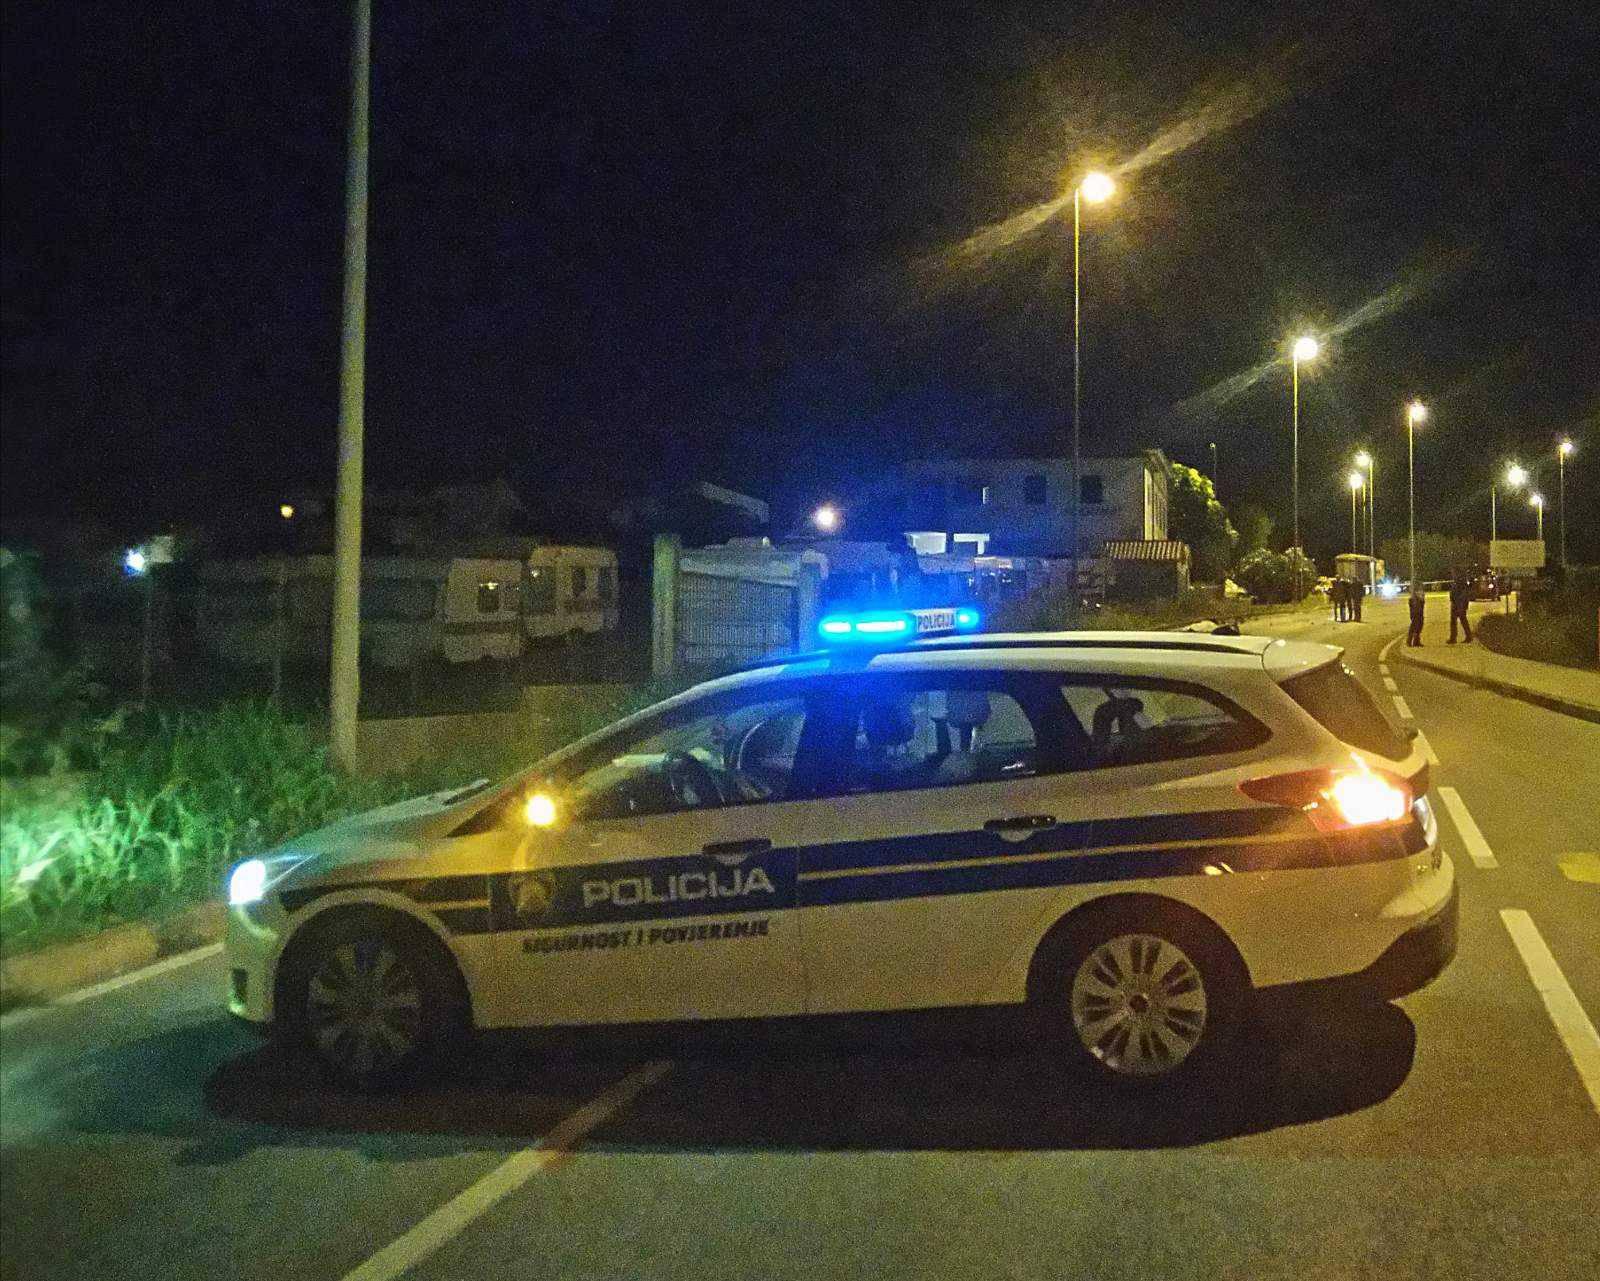 Pune ruke posla u Istri: Jedan vozio s preko tri promila i još bez vozačke, drugi napuhao 1,8